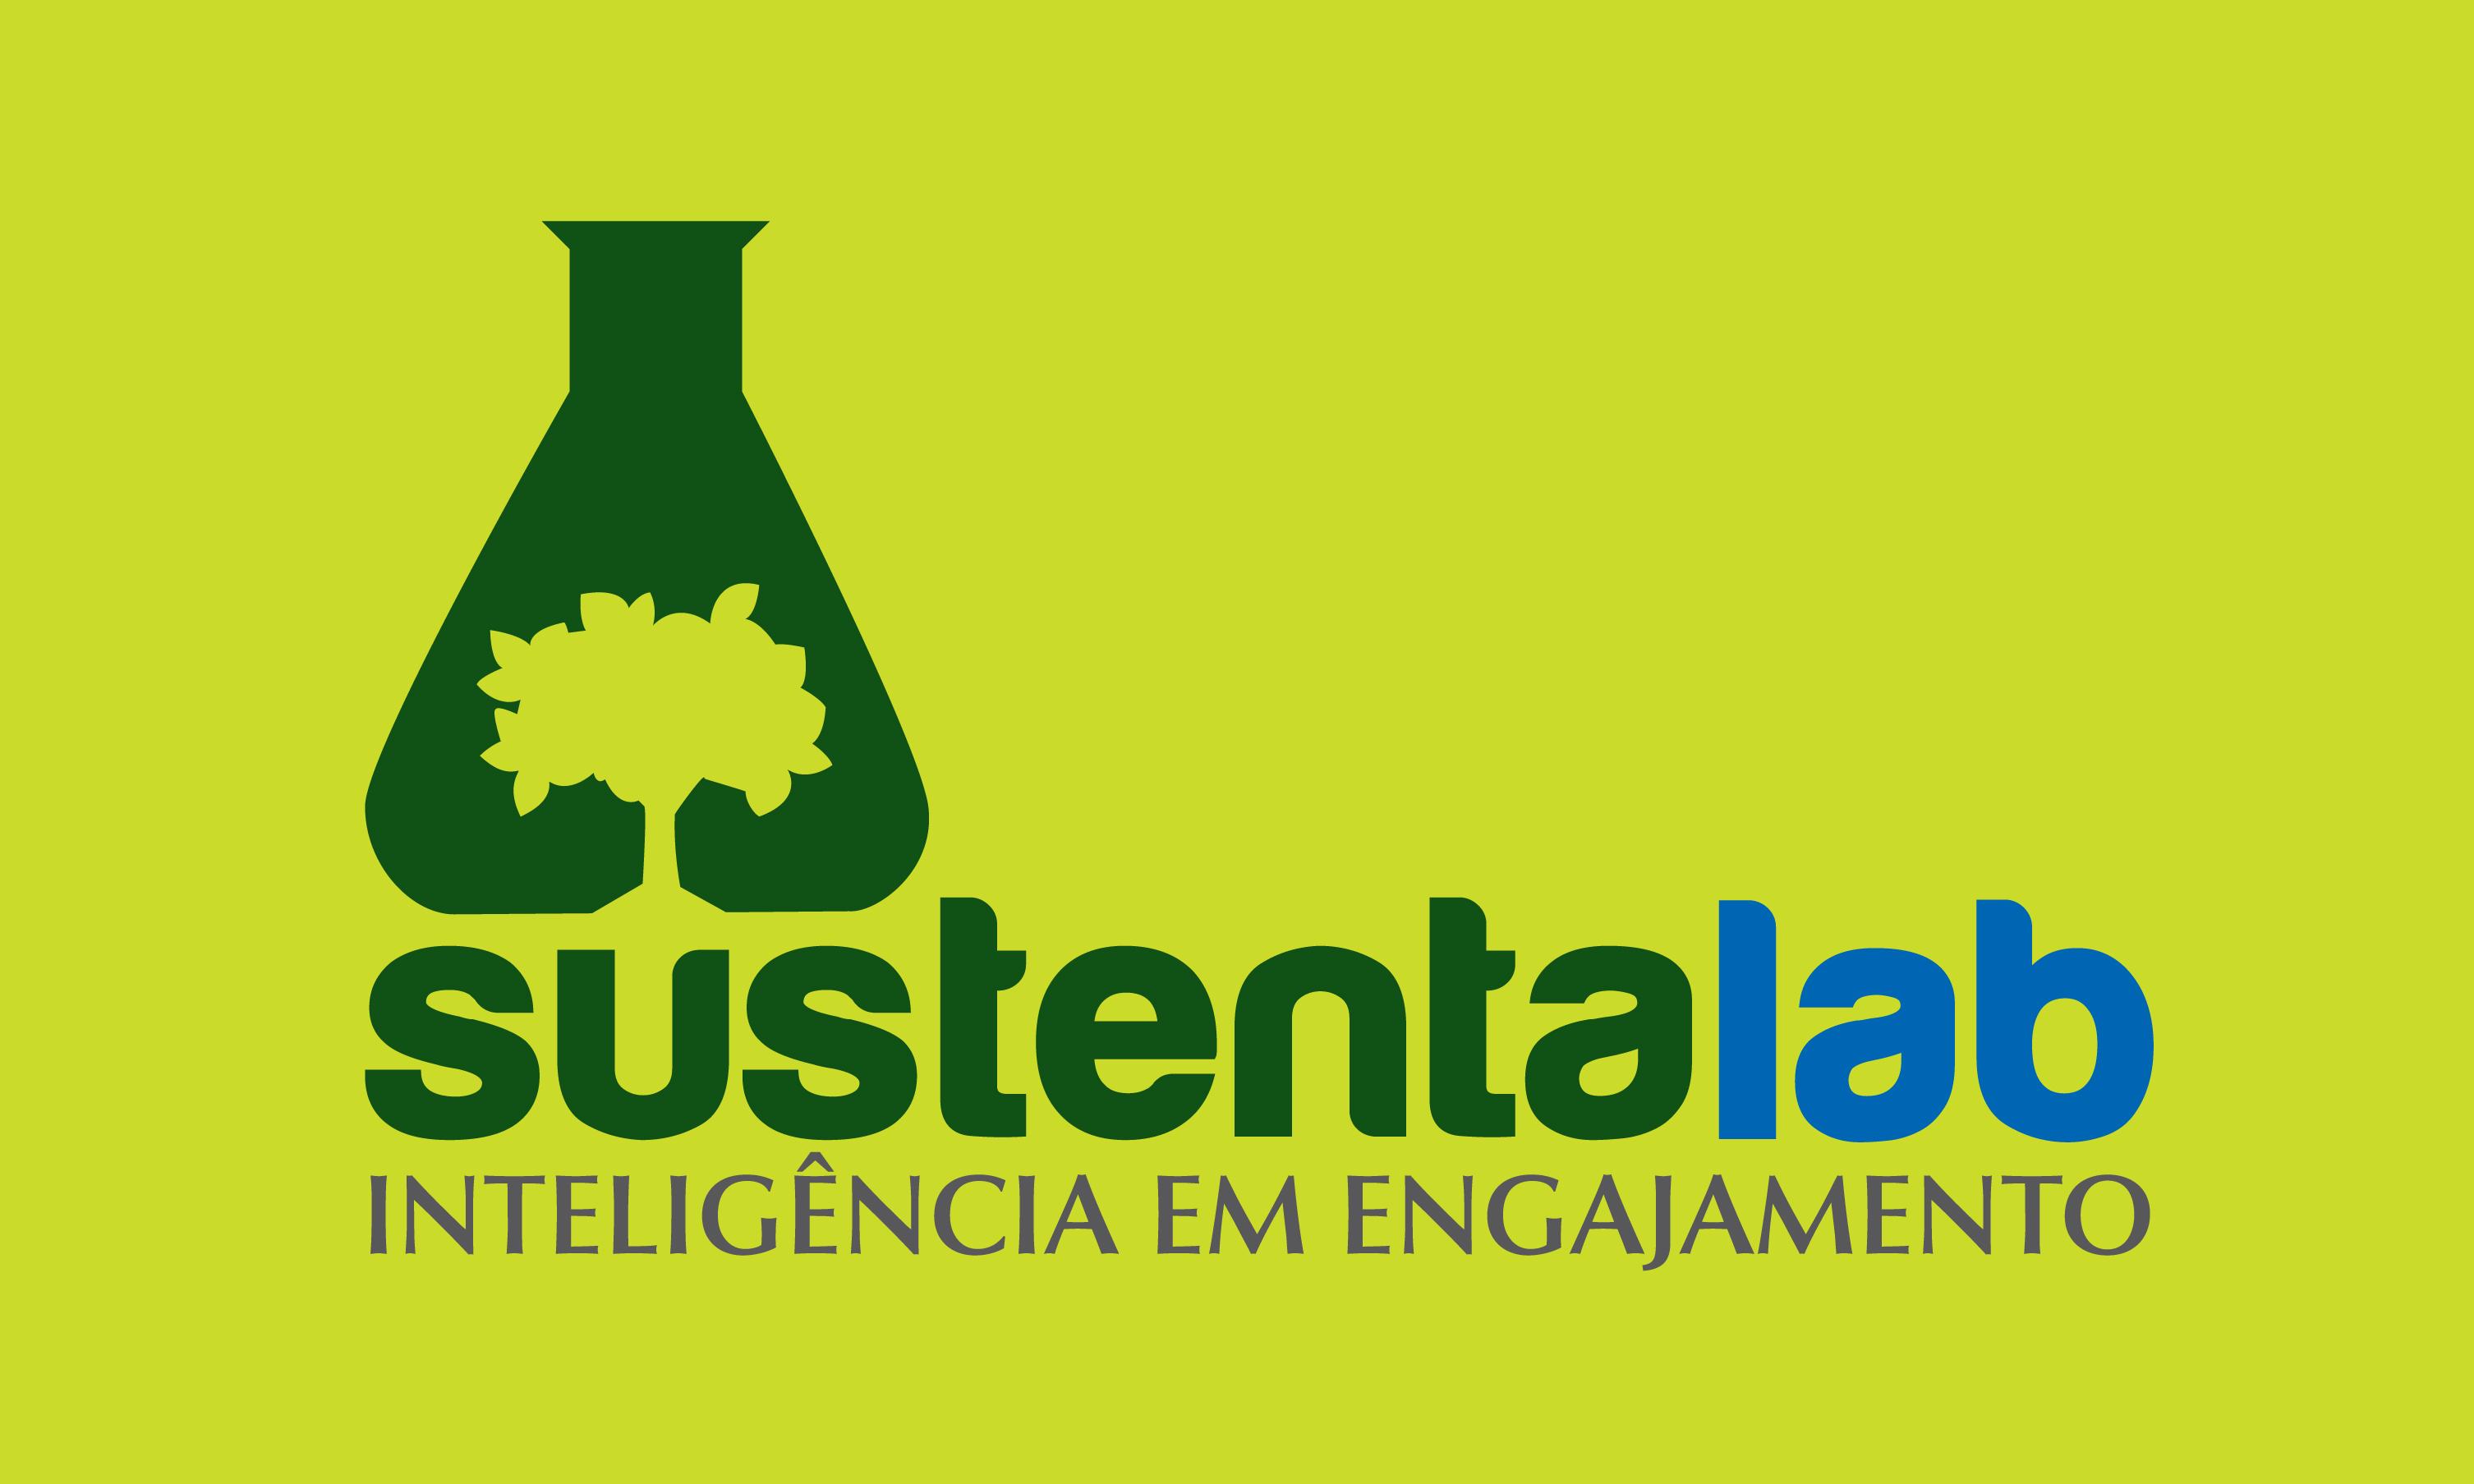 SustentaLab